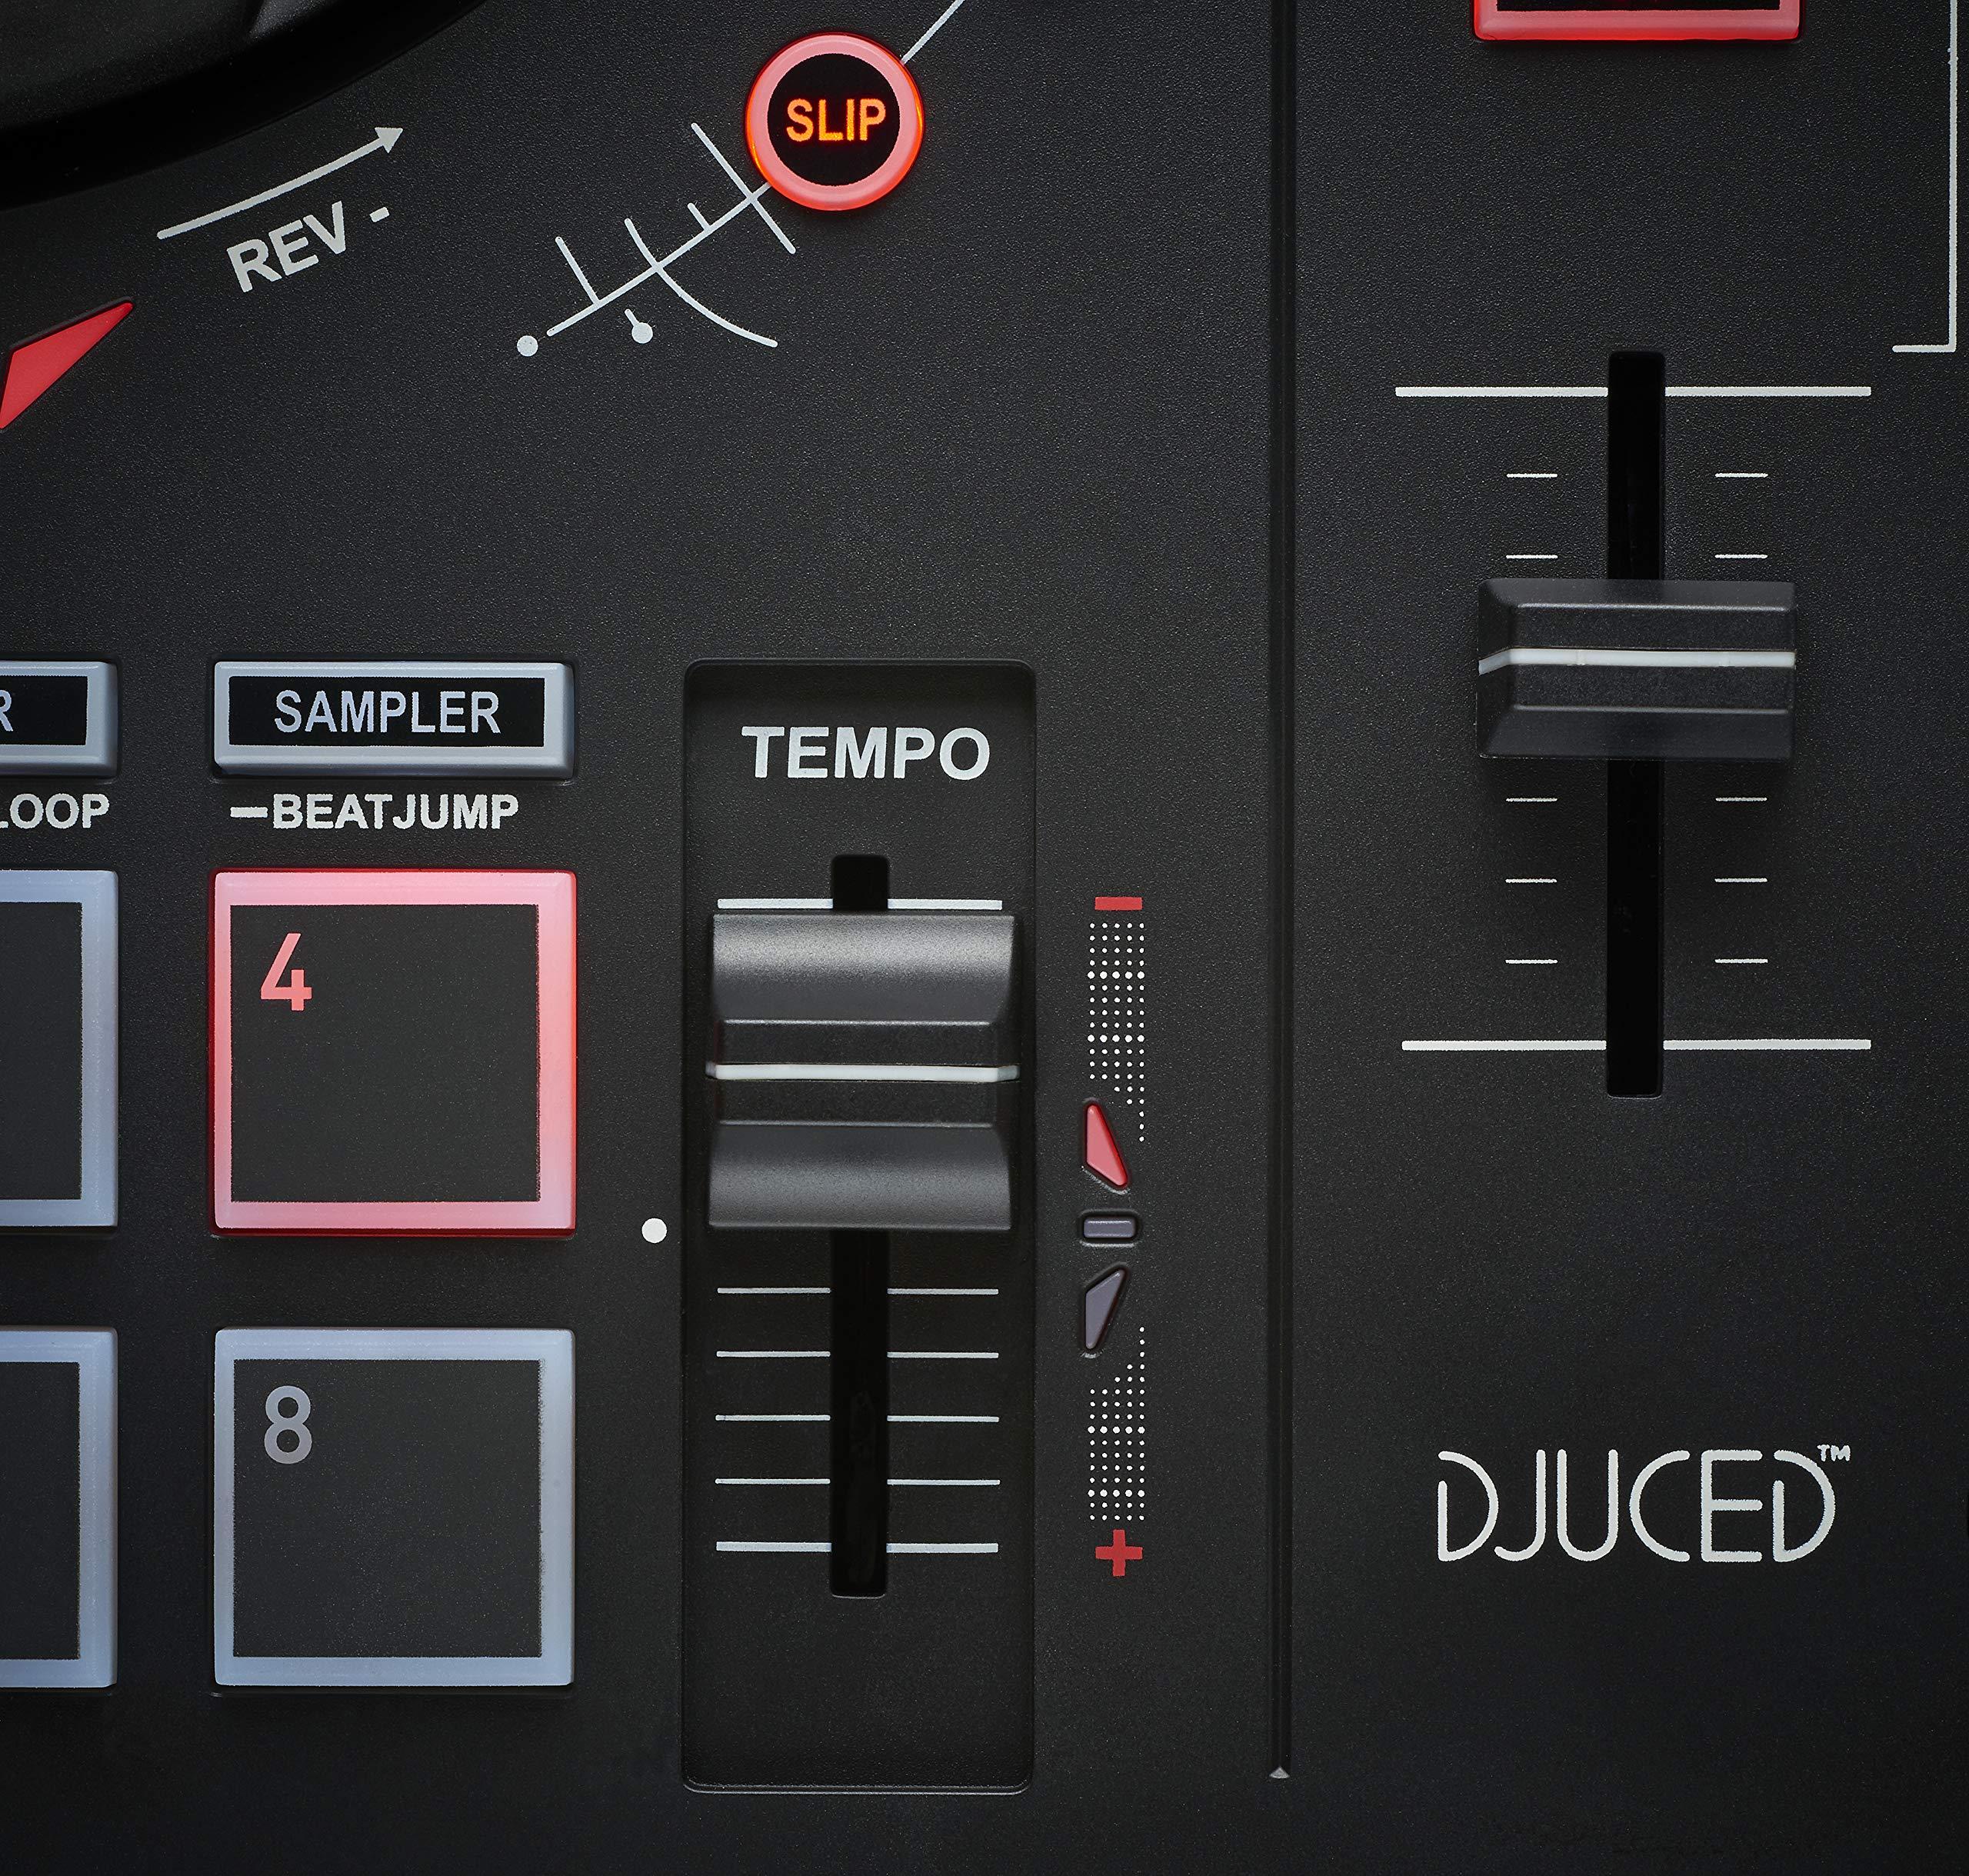 Hercules DJ Control Inpulse 300 (AMS-DJC-INPULSE-300) by Hercules DJ (Image #5)